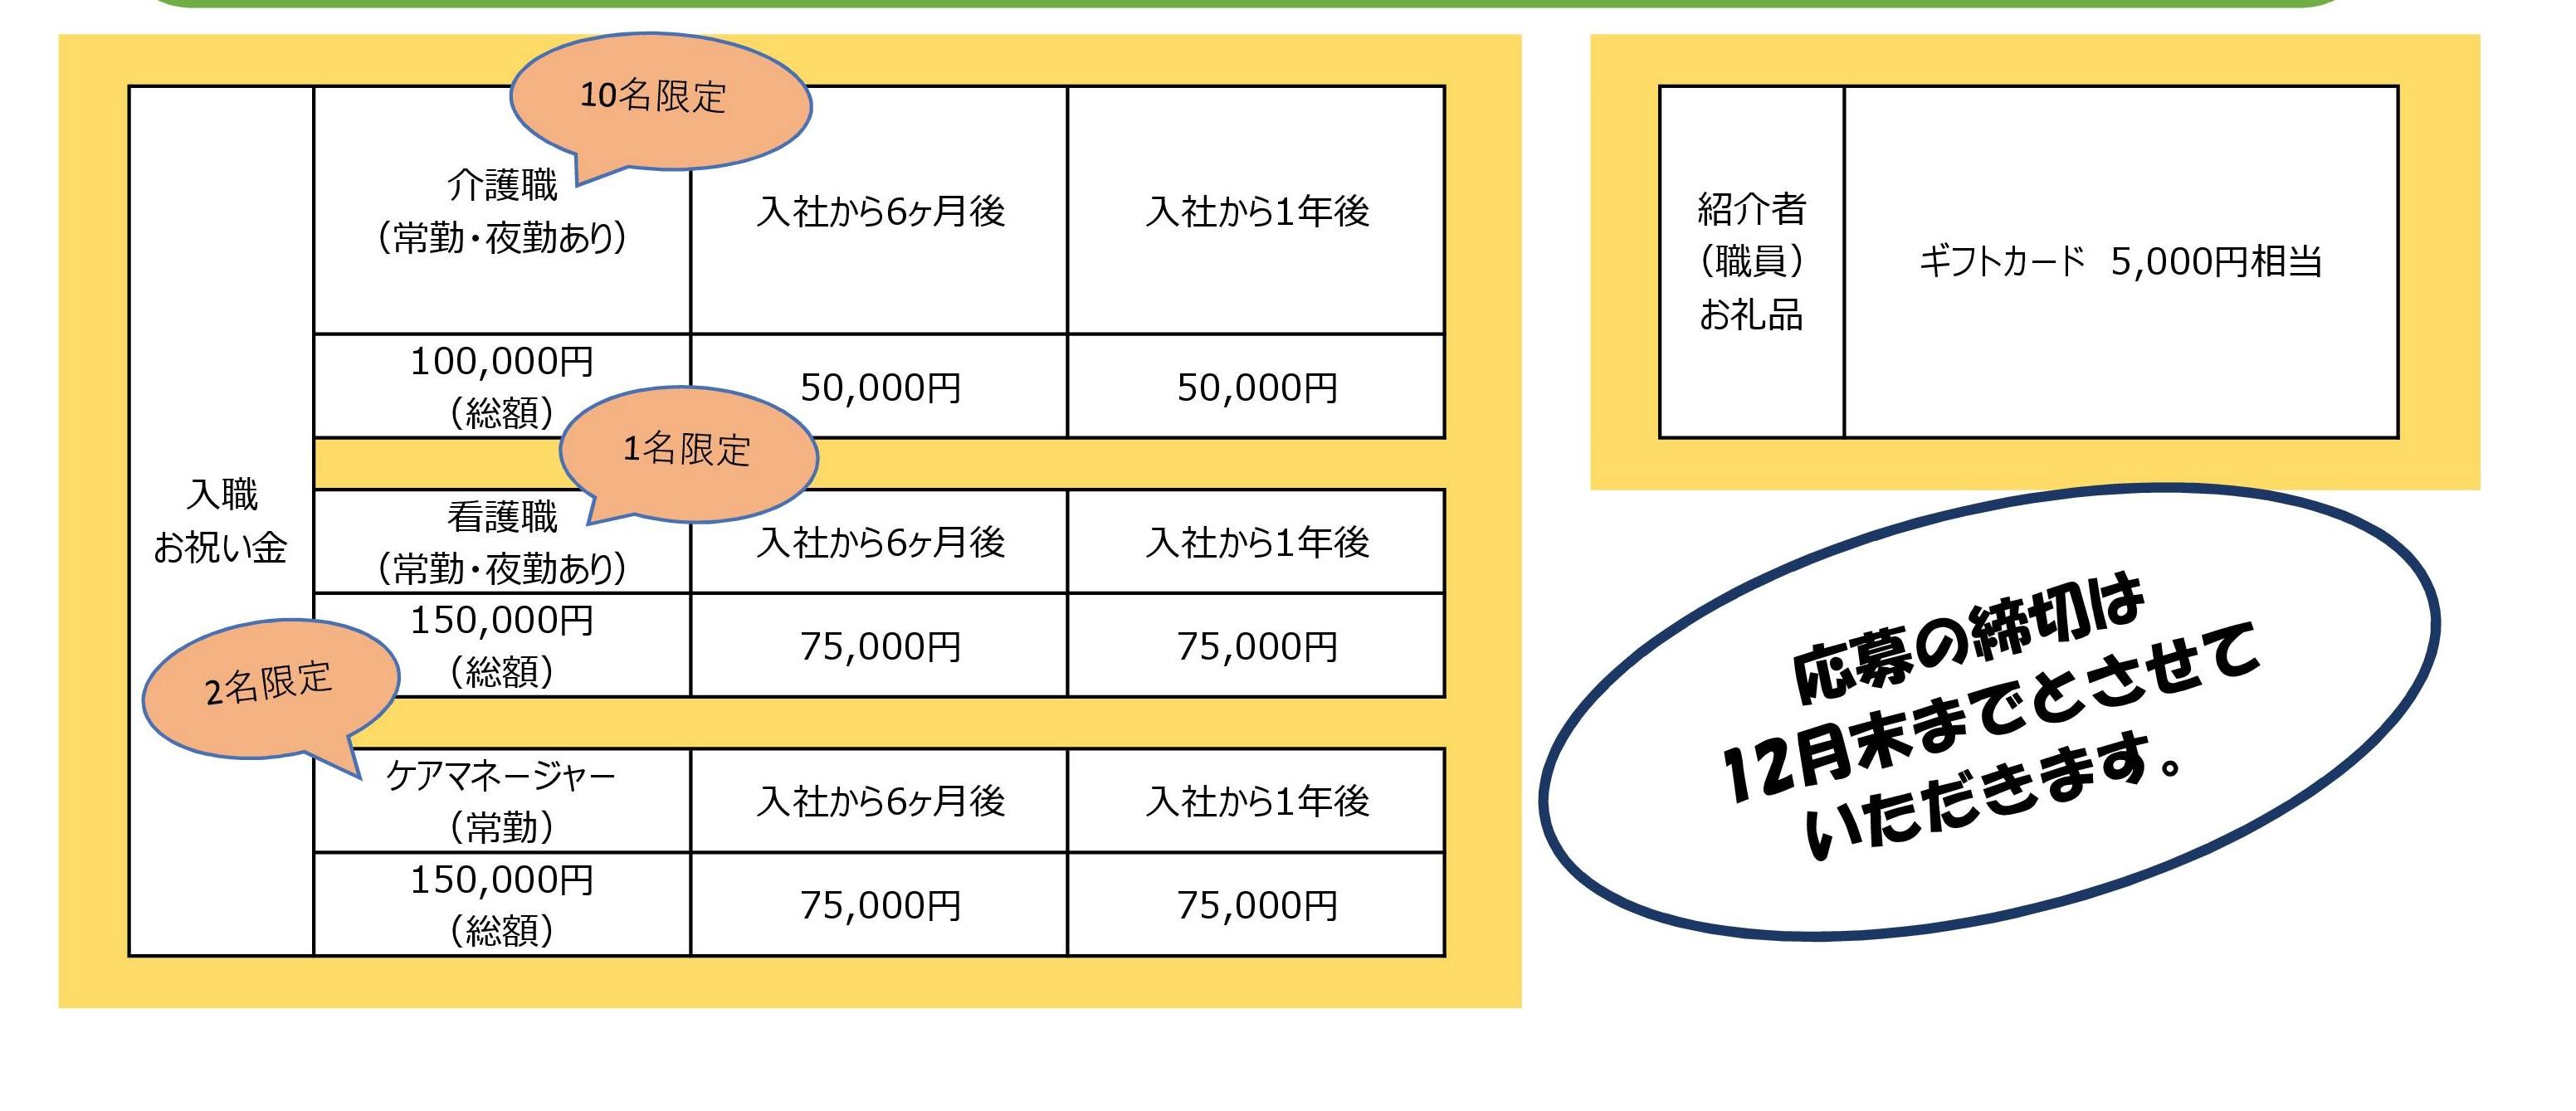 入職祝い金システム_改2019.10.10